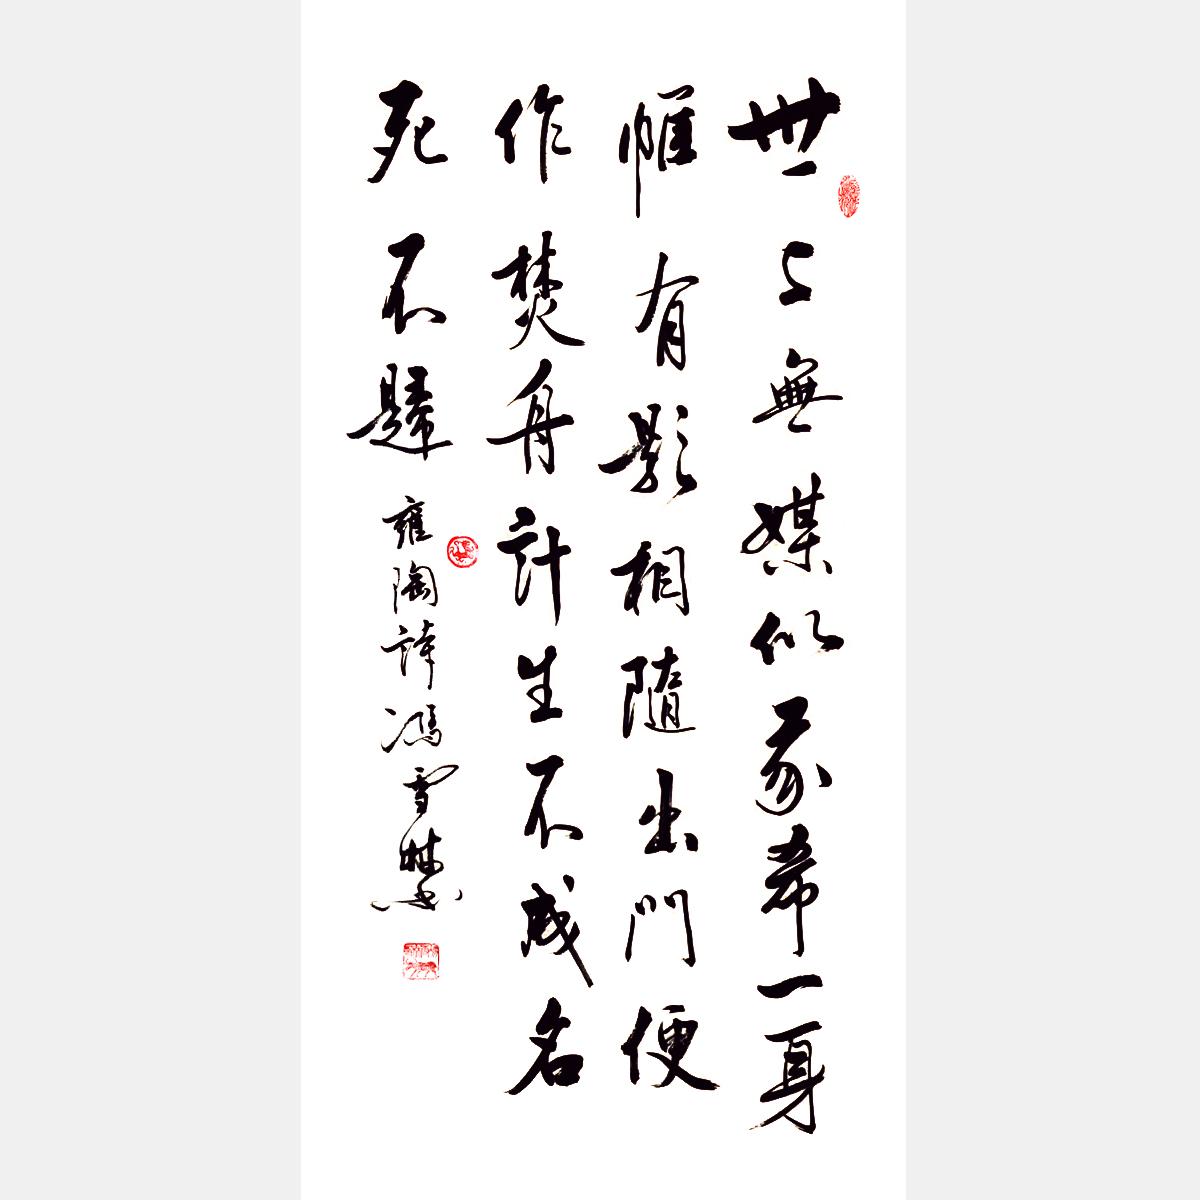 冯雪林行书作品欣赏 雍陶《离家后作》 条幅